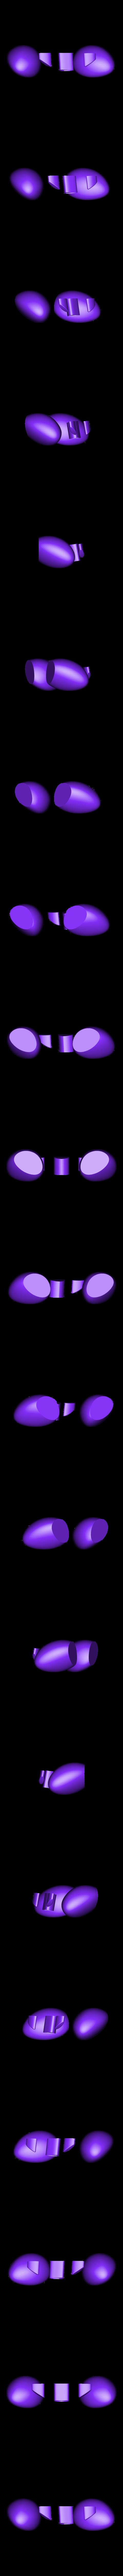 MM_Kirby_Red.stl Télécharger fichier STL gratuit Multicolore Kirby! [4 couleurs] • Objet à imprimer en 3D, ChaosCoreTech